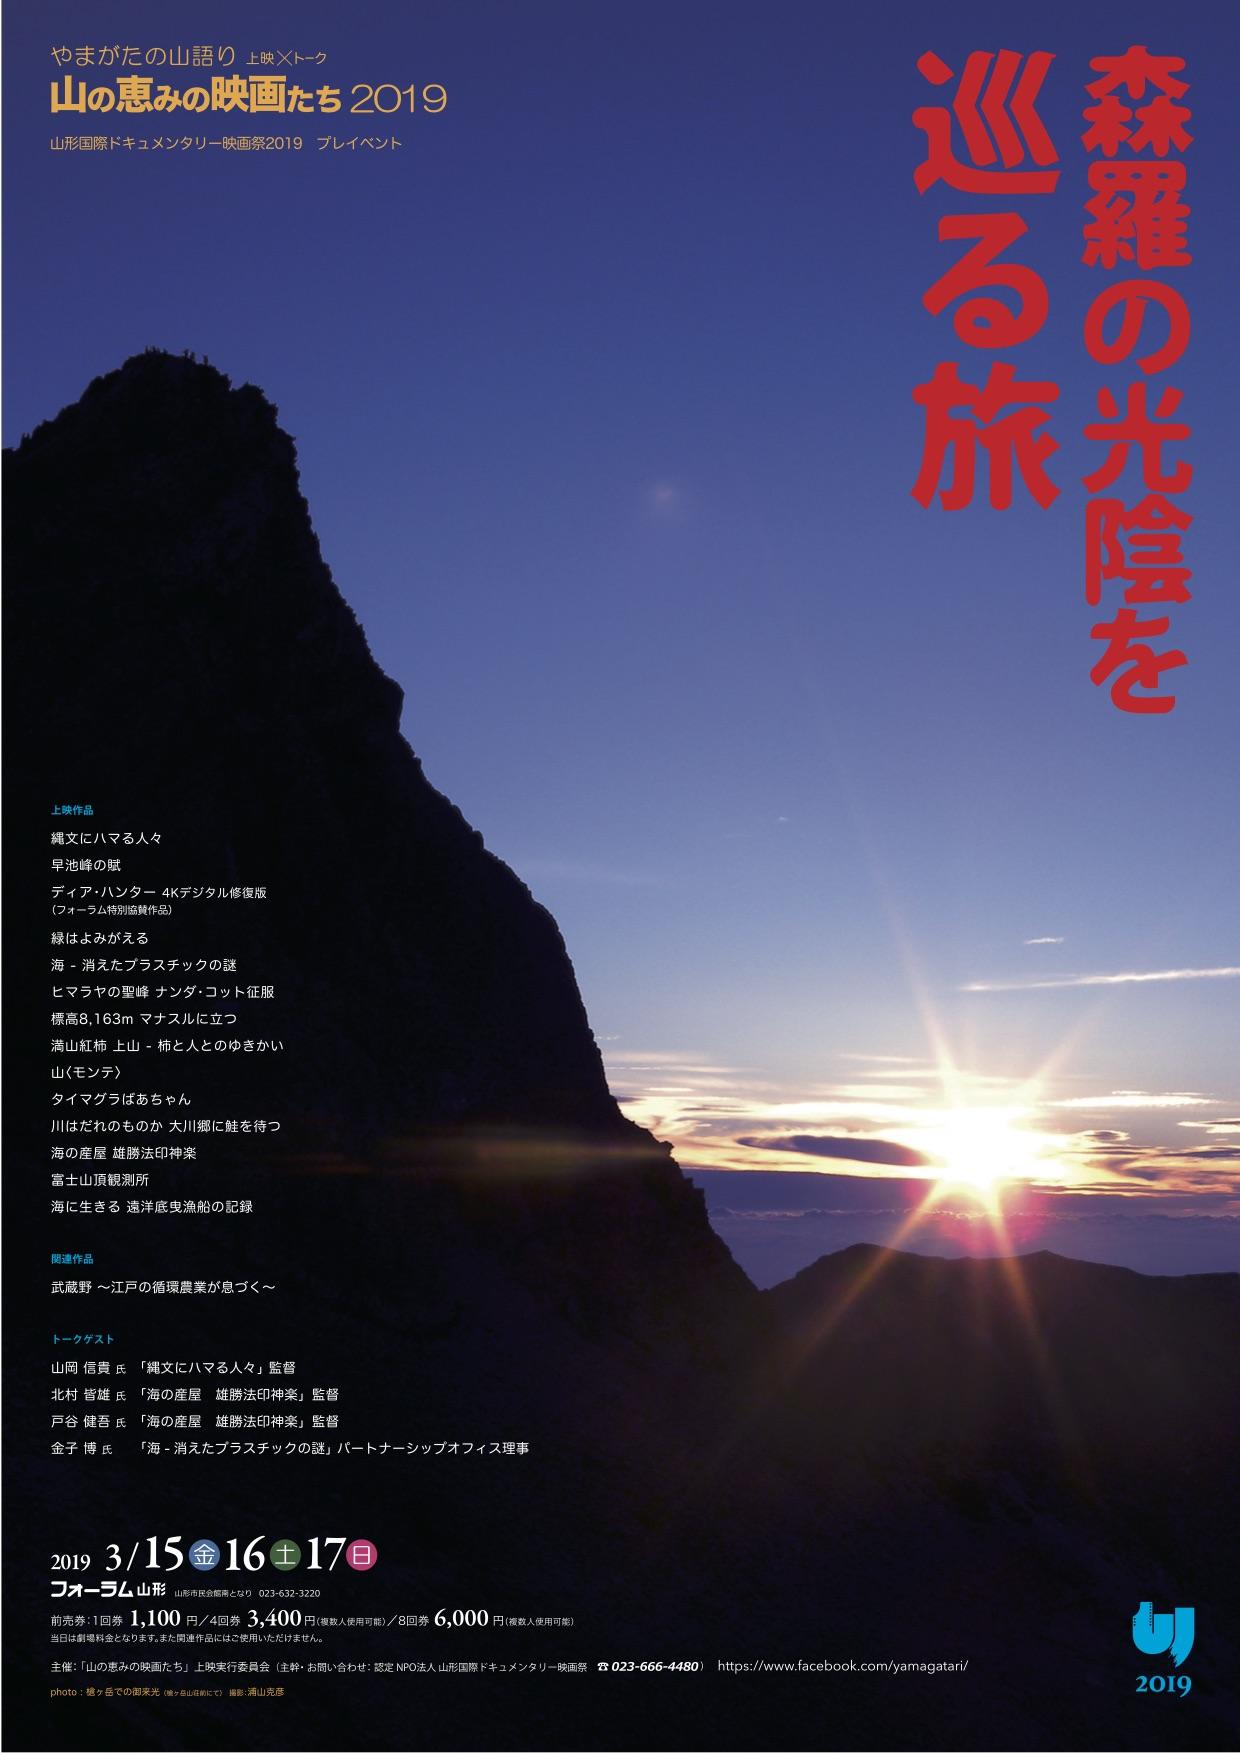 山も映画もまるごと楽しむ「山の恵みの映画たち2019」開催